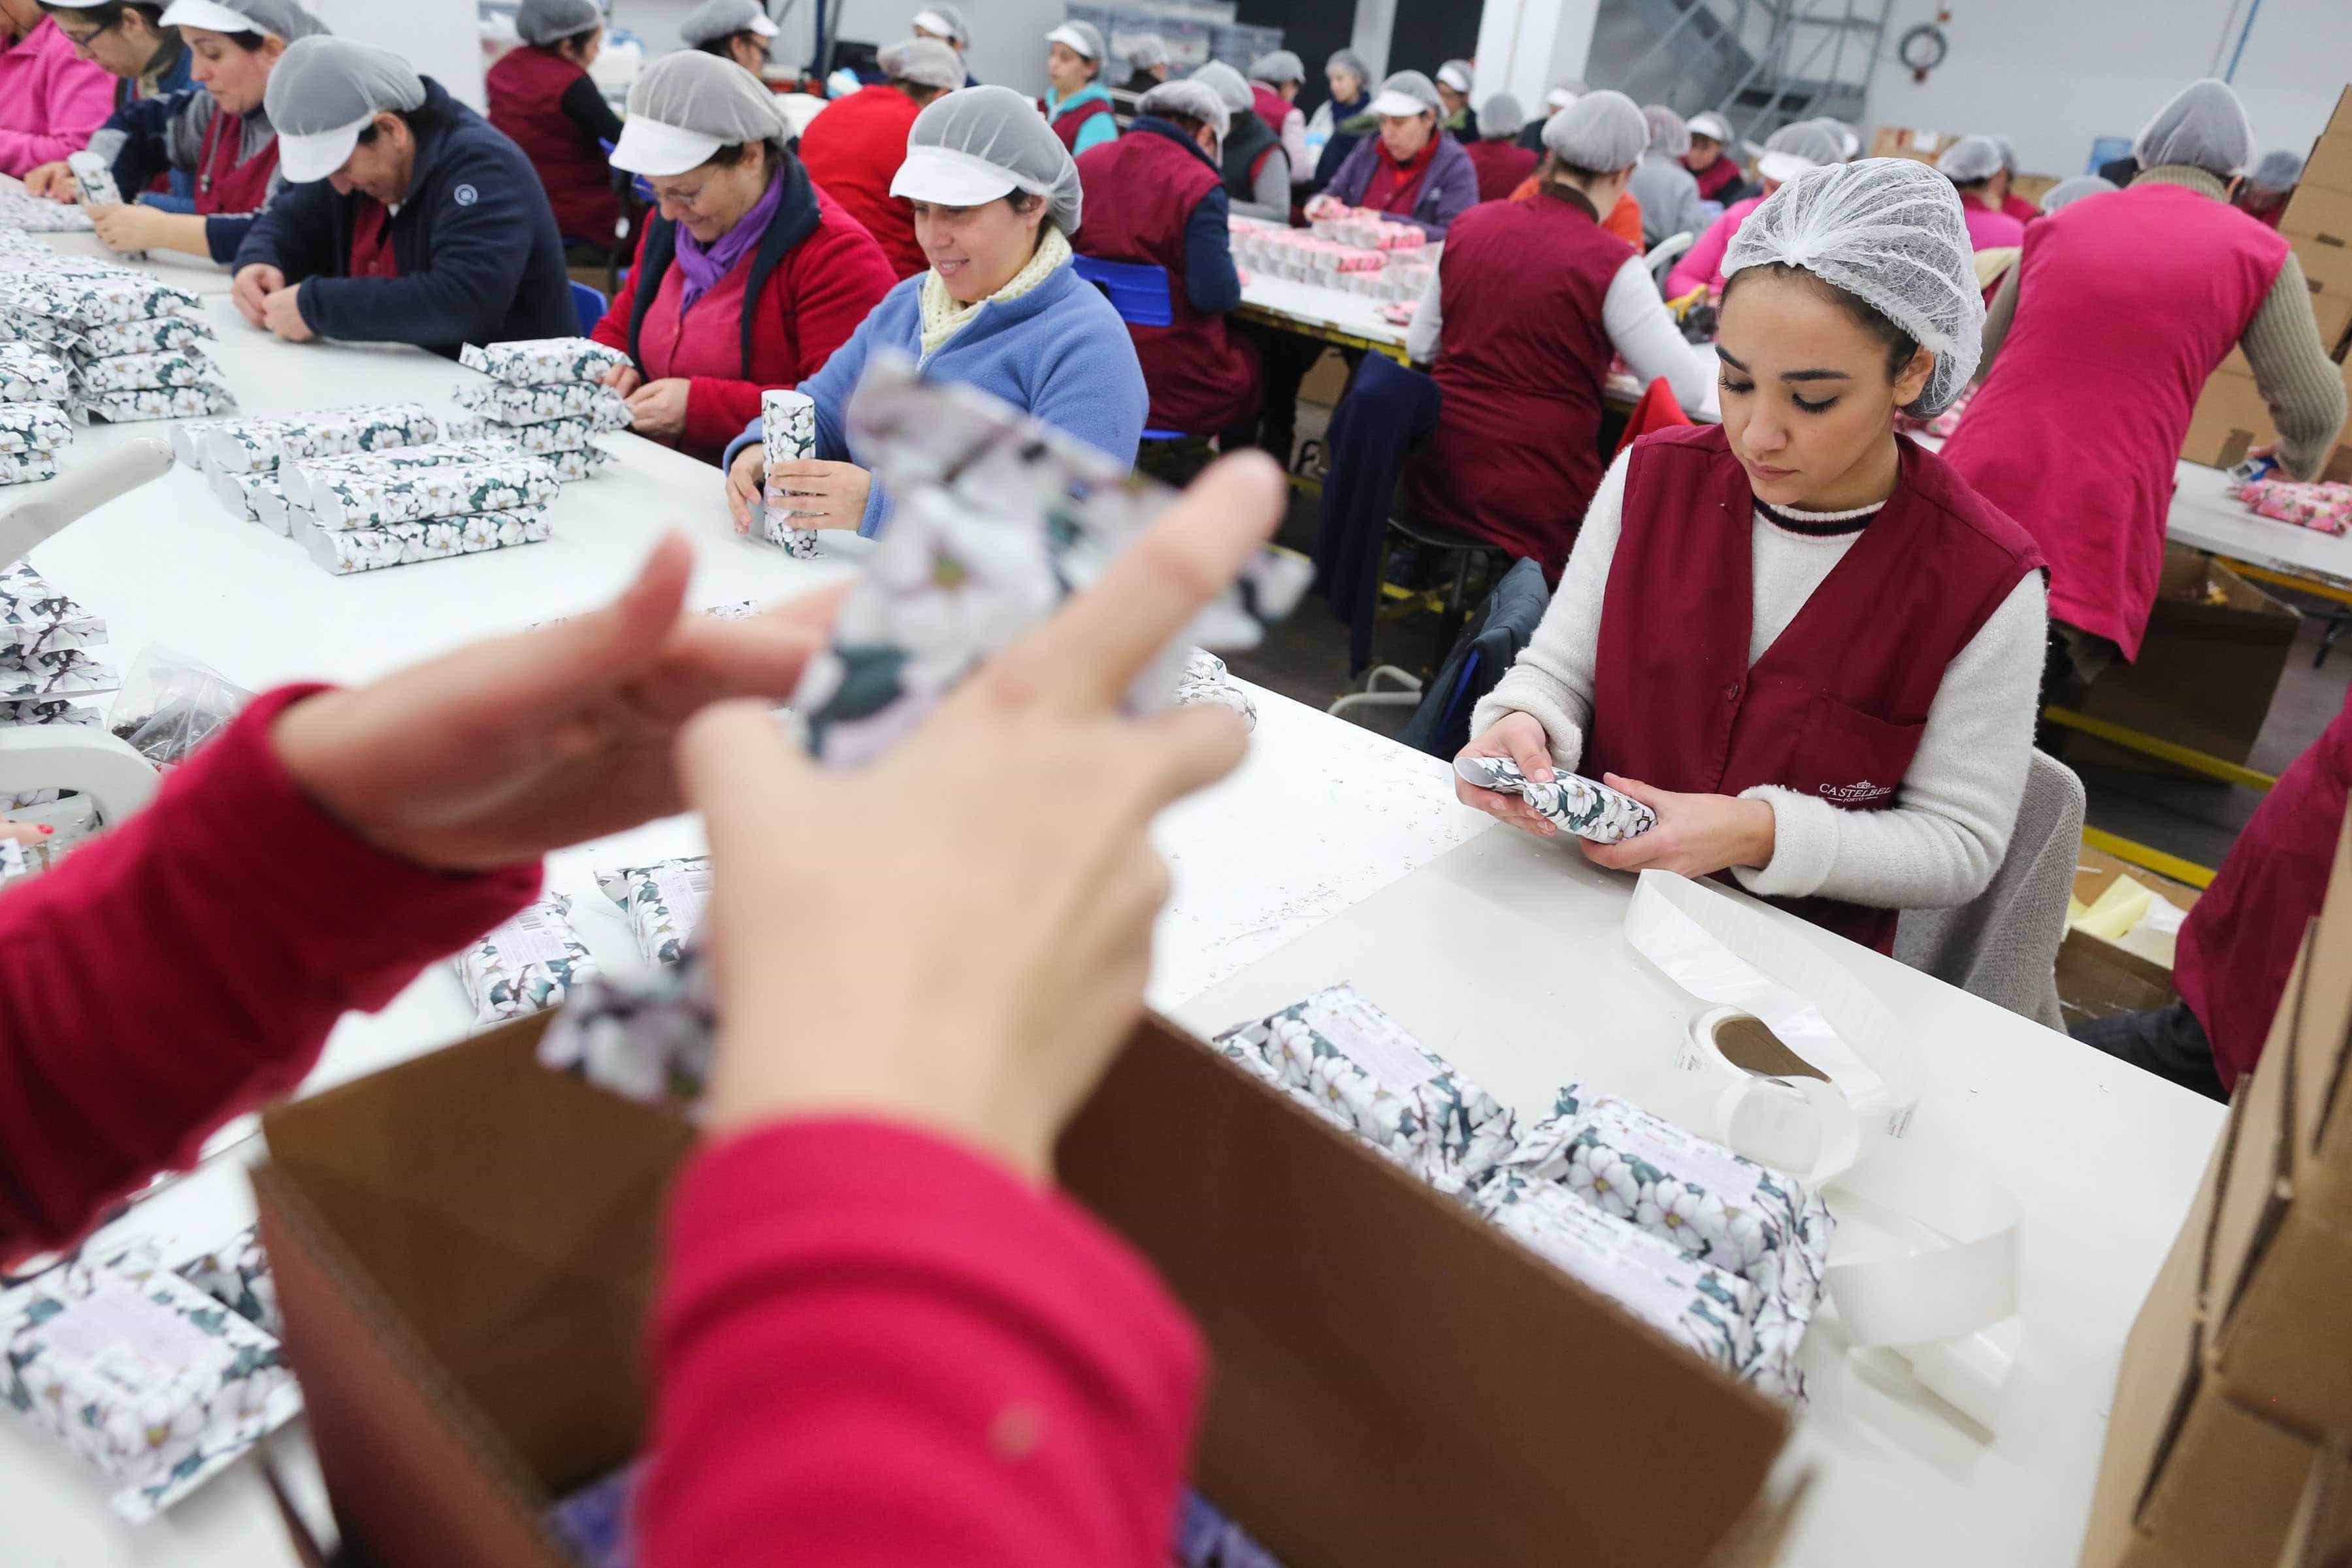 Constituição de empresas cresce 21,4% até fevereiro para 11 mil